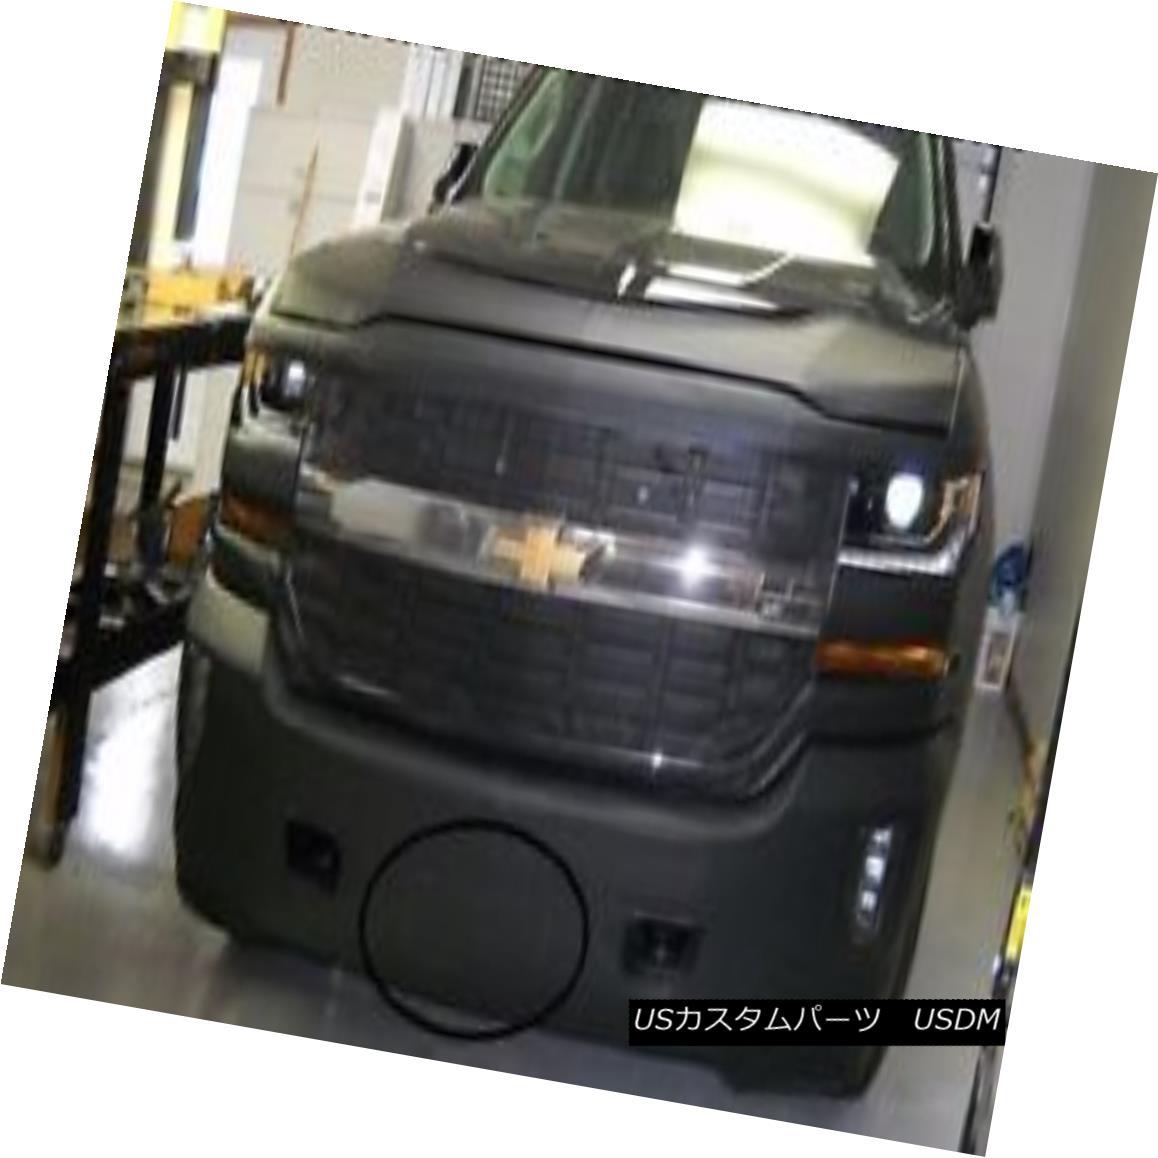 フルブラ ノーズブラ Lebra Front End Mask Bra Fits 2016-2018 Chevy Silverado 1500 W/O Park Assistant Lebraフロントエンドマスクブラは2016-2018 Chevy Silverado 1500 W / O Parkアシスタントに適合